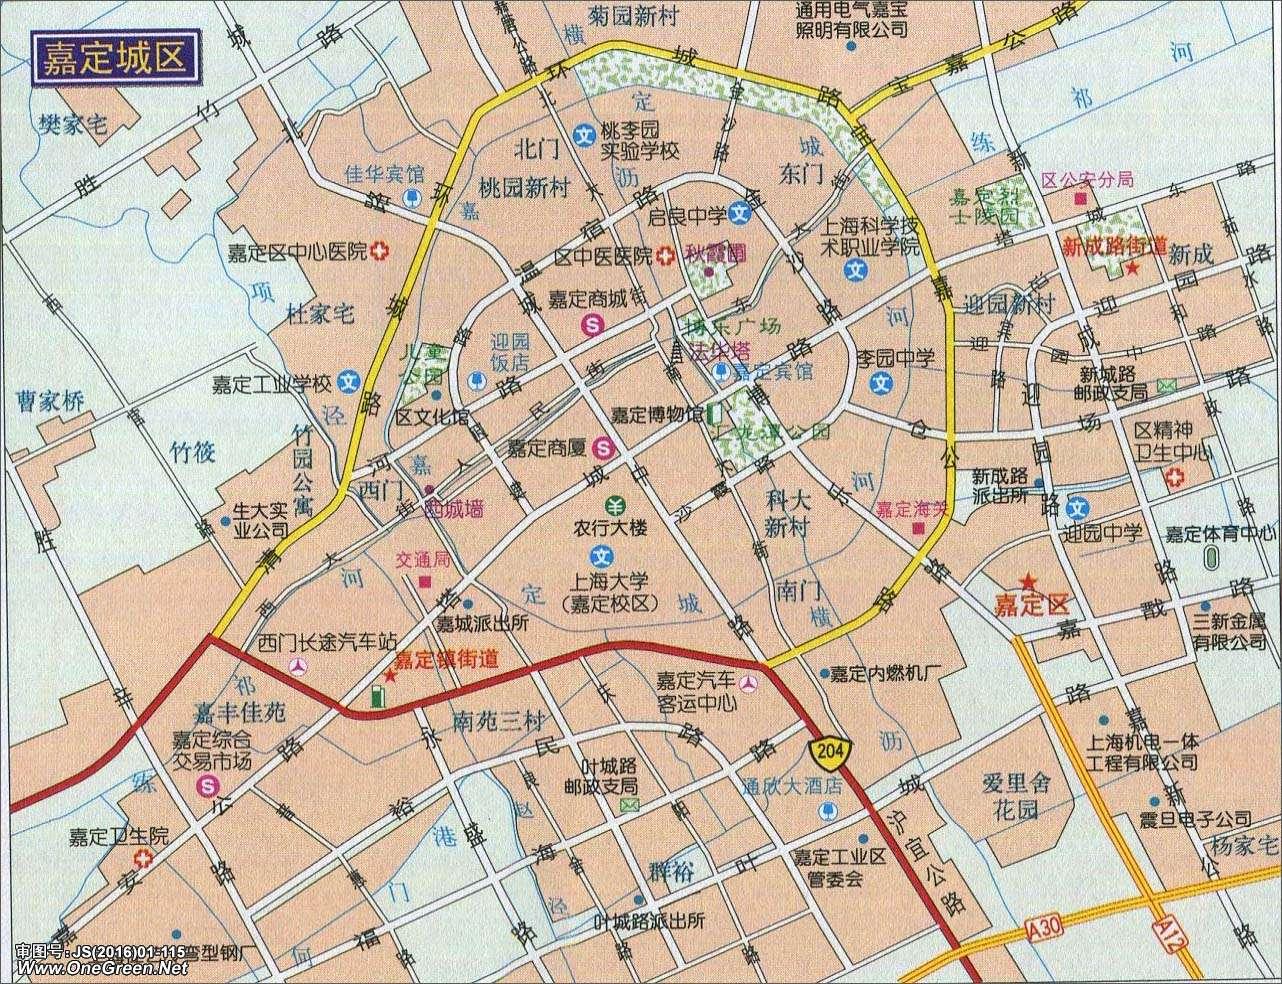 嘉定城区地图